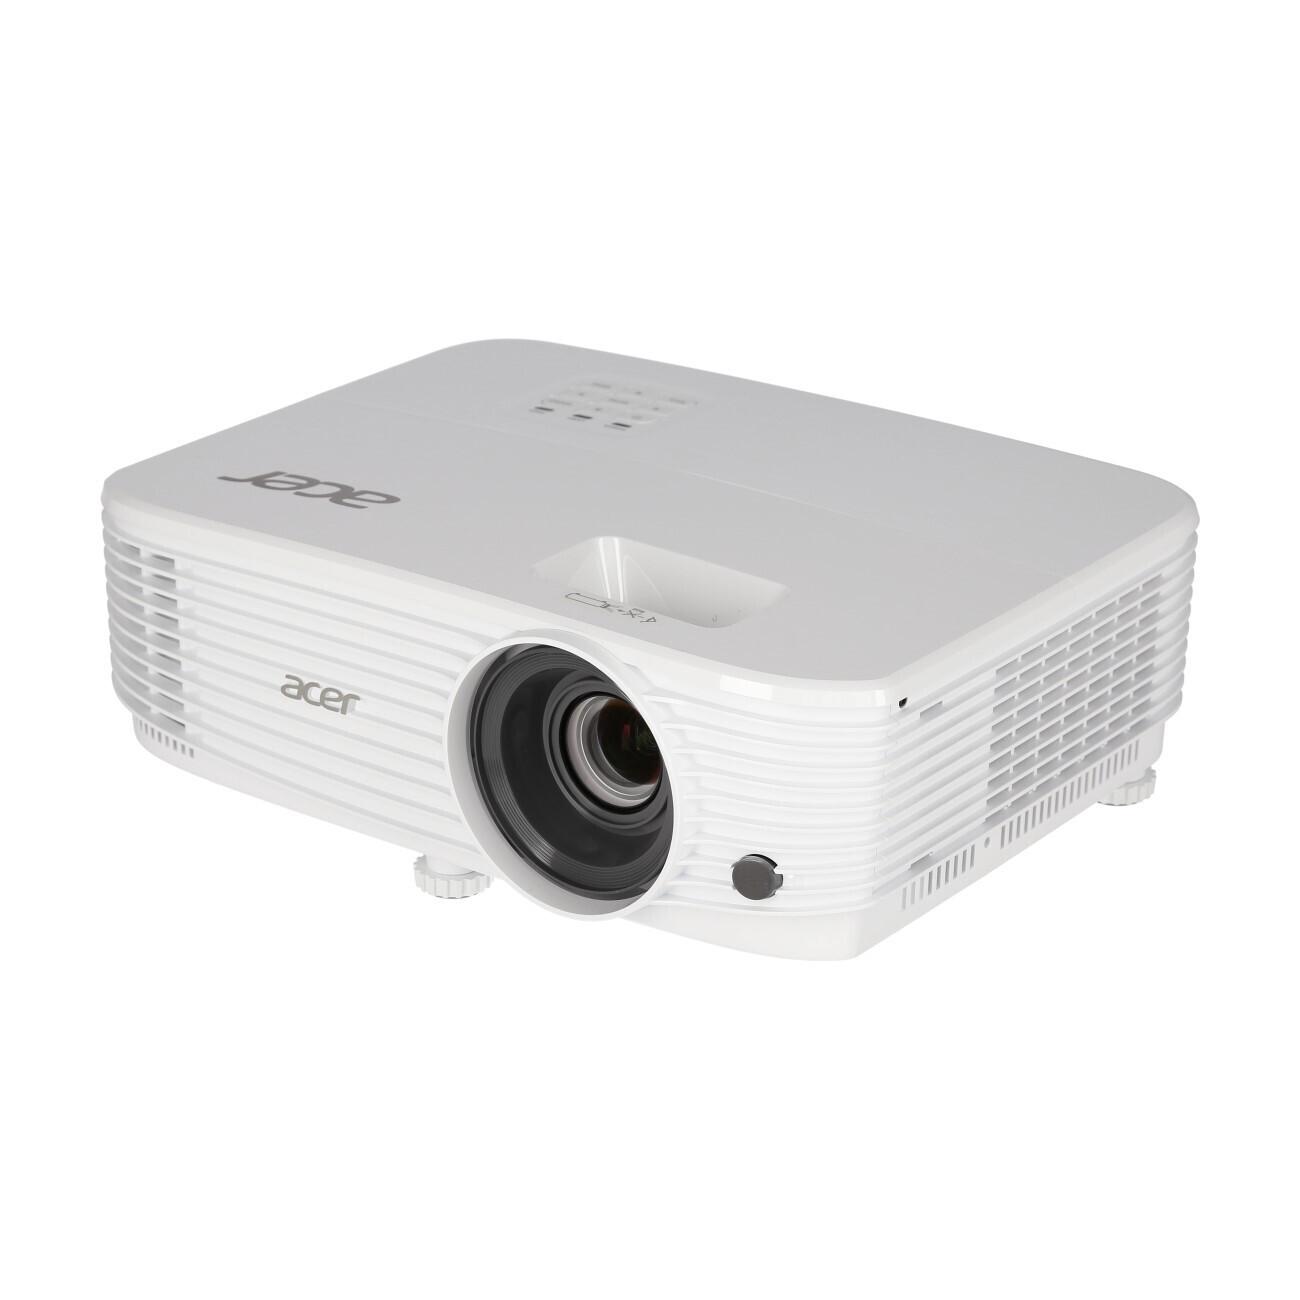 Acer P1150 Beamer mit 3600 ANSI-Lumen und SVGA Auflösung